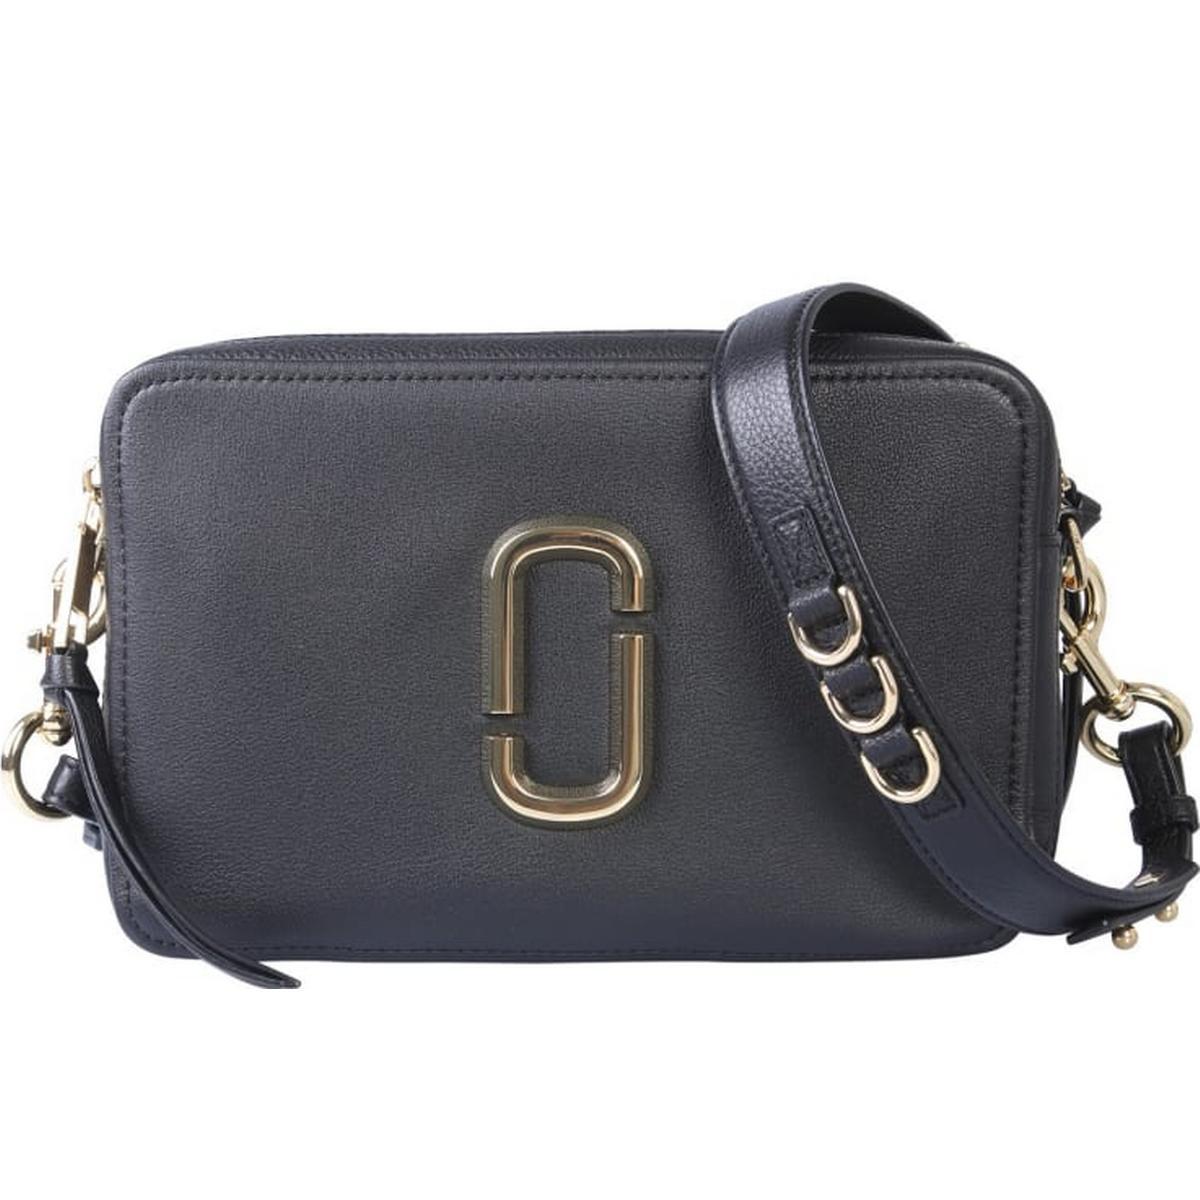 Marc Jacobs Håndtasker (100+ produkter) • Se billigste pris nu »